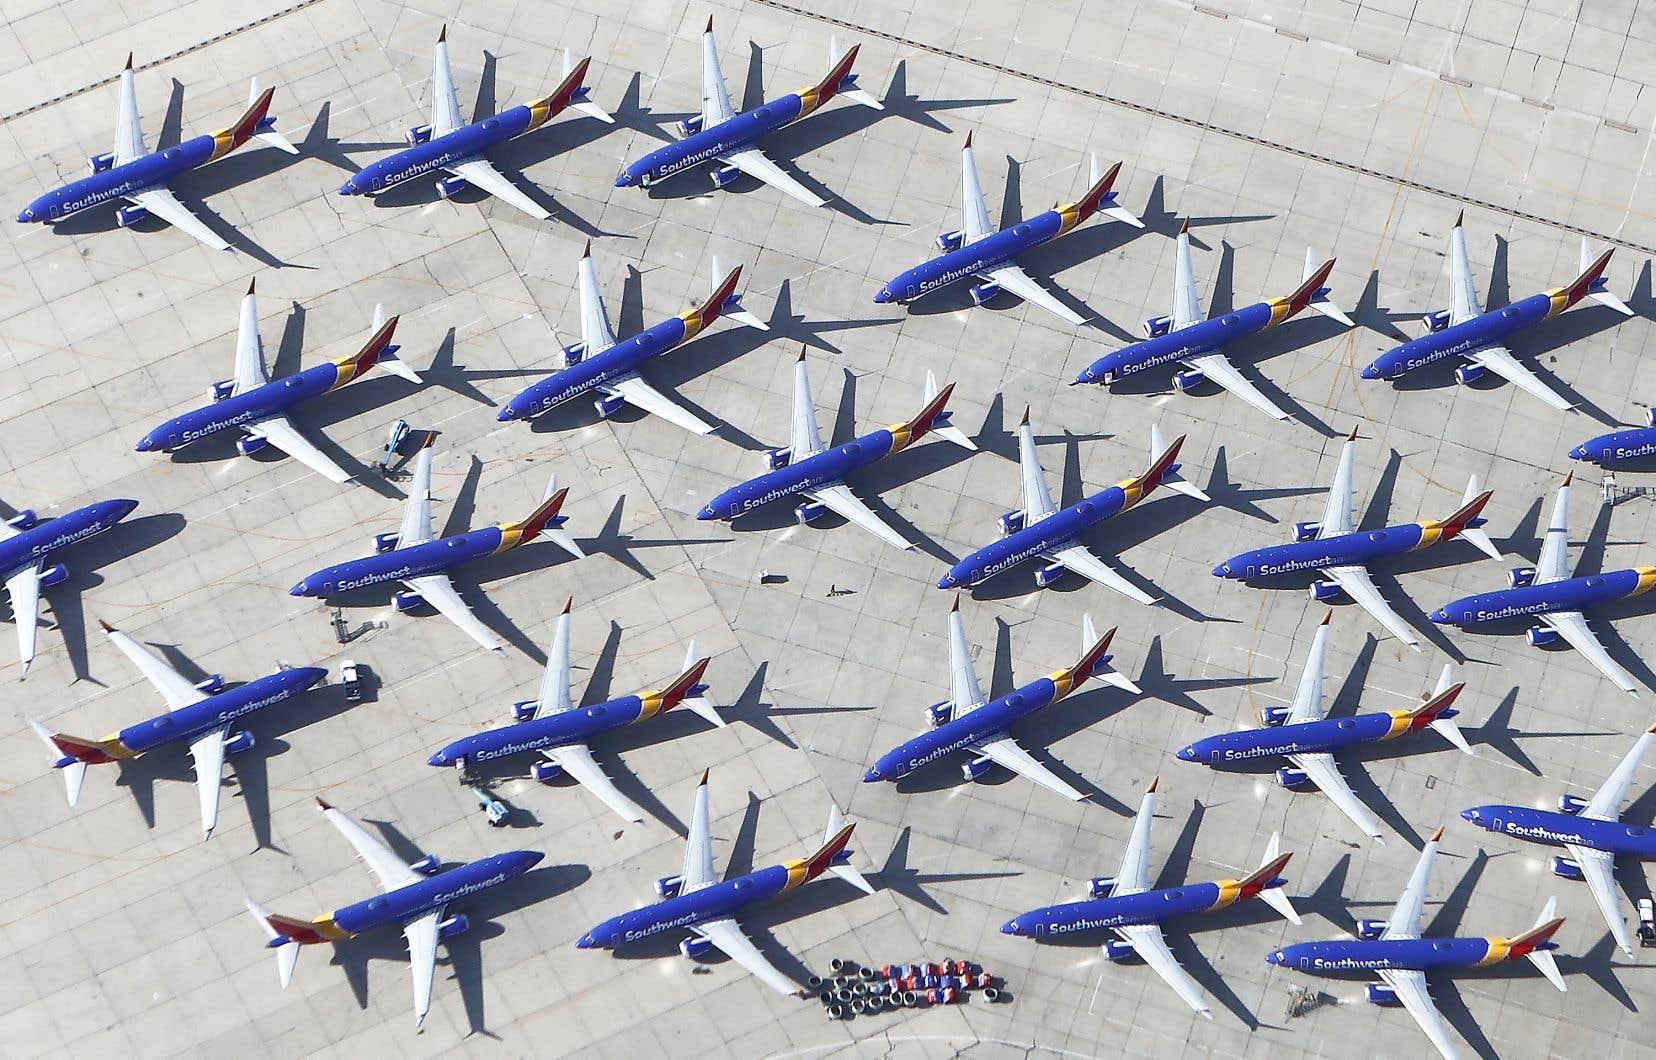 Des appareils Boeing 737 MAX de la compagnie Southwest, stationnés à Victorville, en Californie